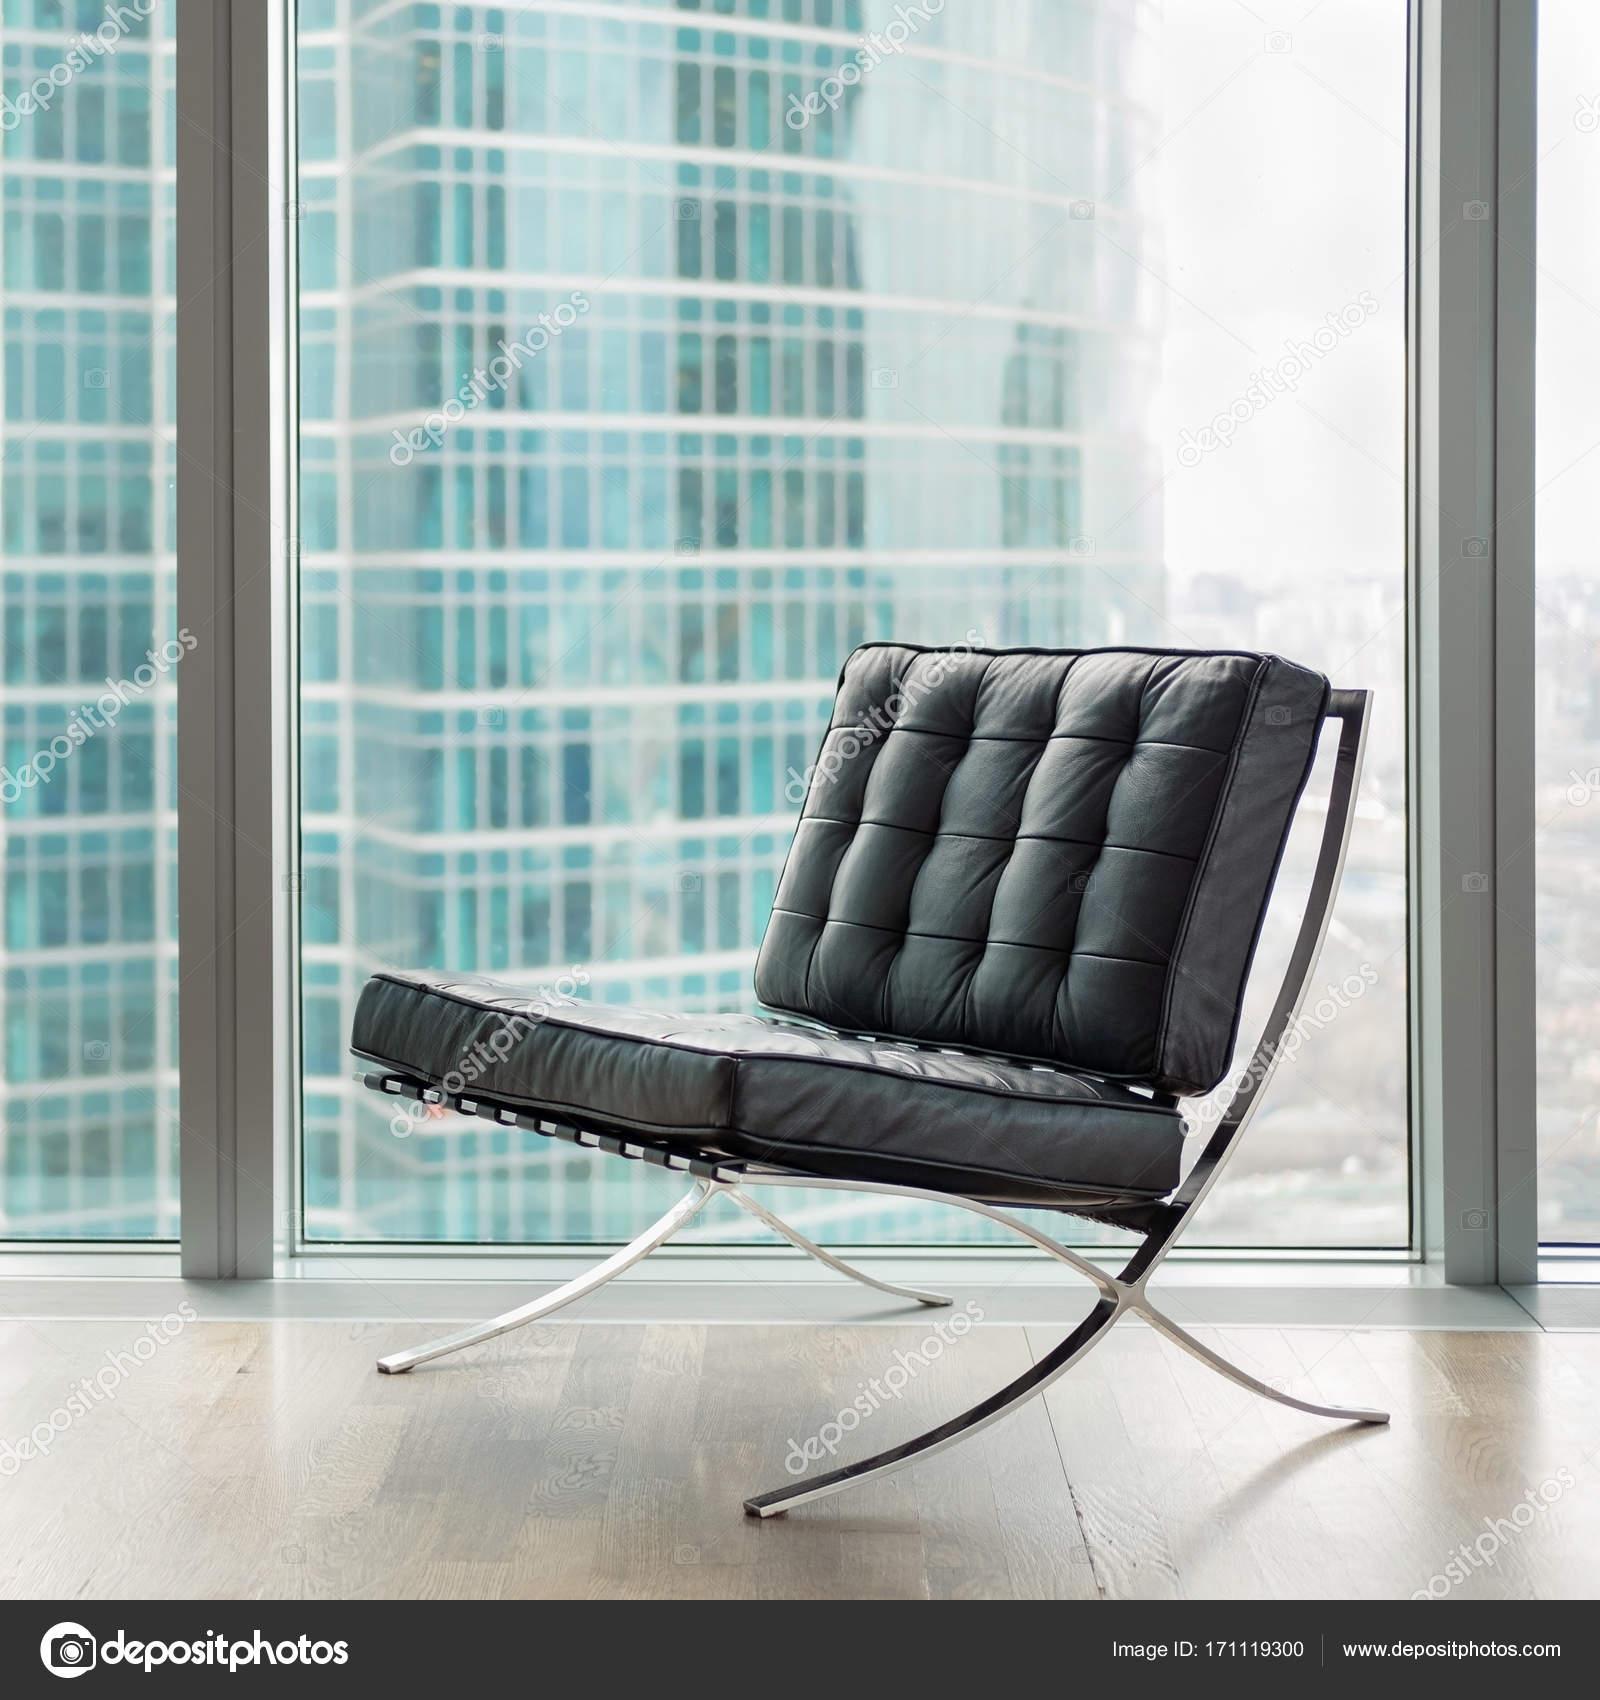 Moderne Lederen Fauteuil.Moderne Lederen Fauteuil In Office Stockfoto C Dmitry Zimin 171119300